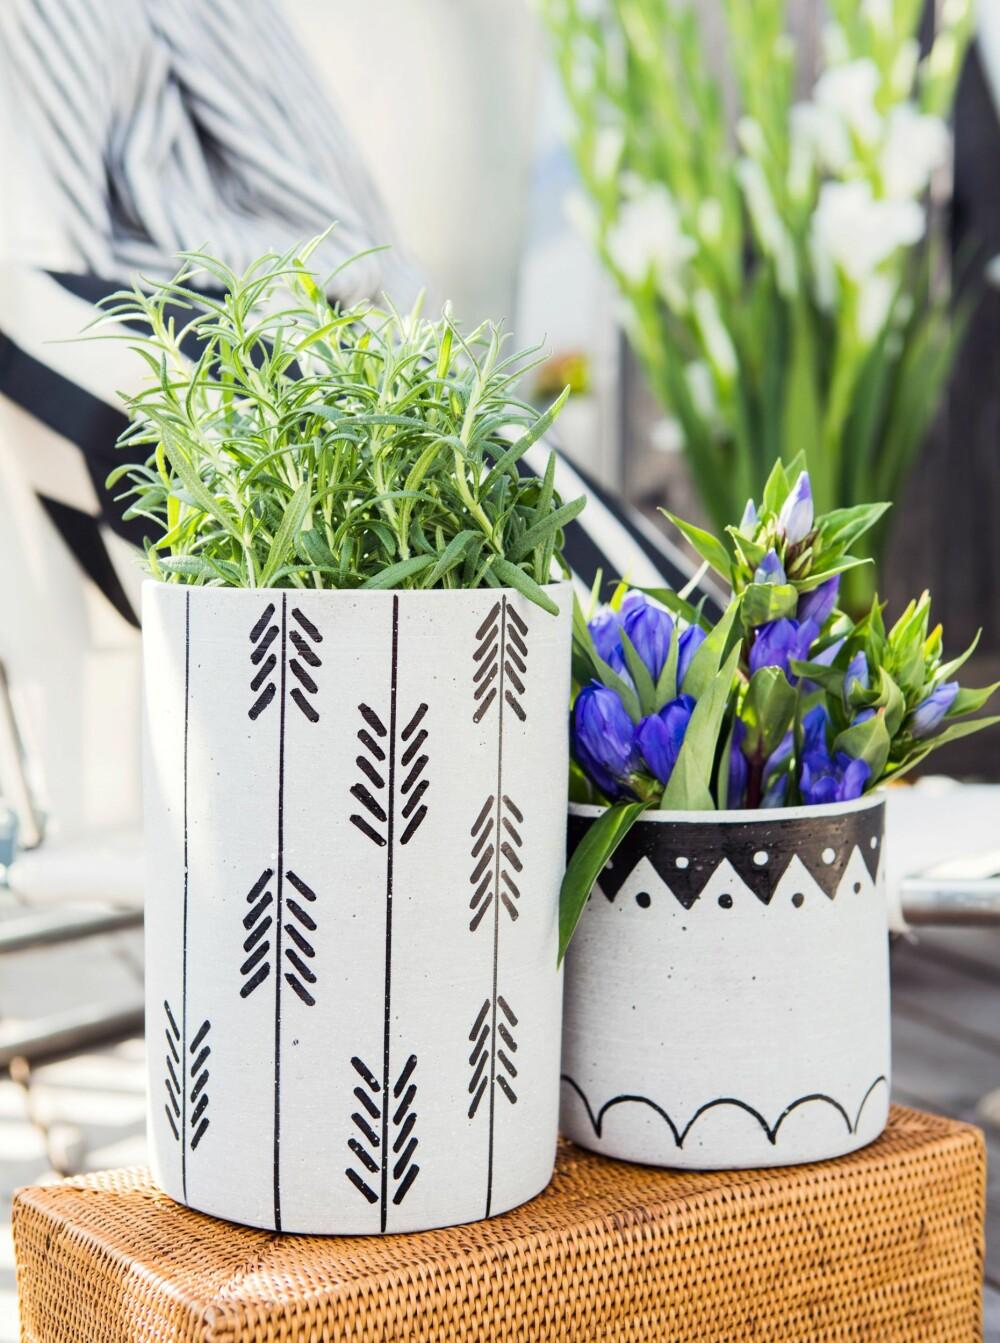 DIY: Kjøp enkle blomsterpotter, disse er fra Kremmerhuset, og dekorer dem med ditt eget mønster. Vi brukte Sharpie Paint pens, penner med oljebasert malingsfarge, som er lette å tegne fine detaljer med. Fås blant annet på amazon.com. FOTO: Nadia Norskott